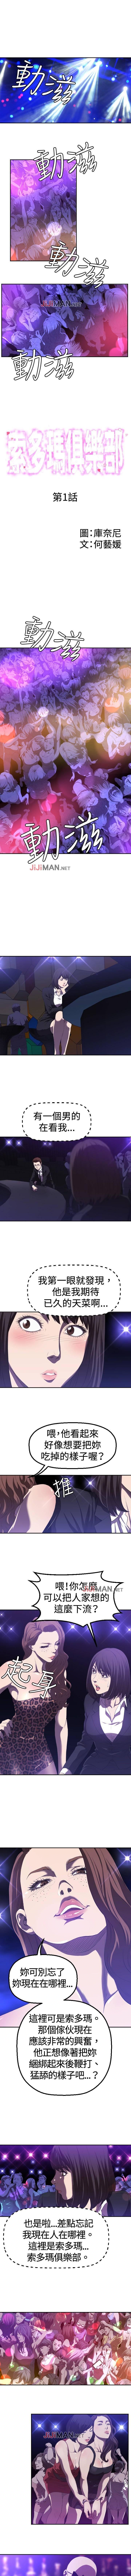 【已完结】索多玛俱乐部(作者:何藝媛&庫奈尼) 第1~32话 1